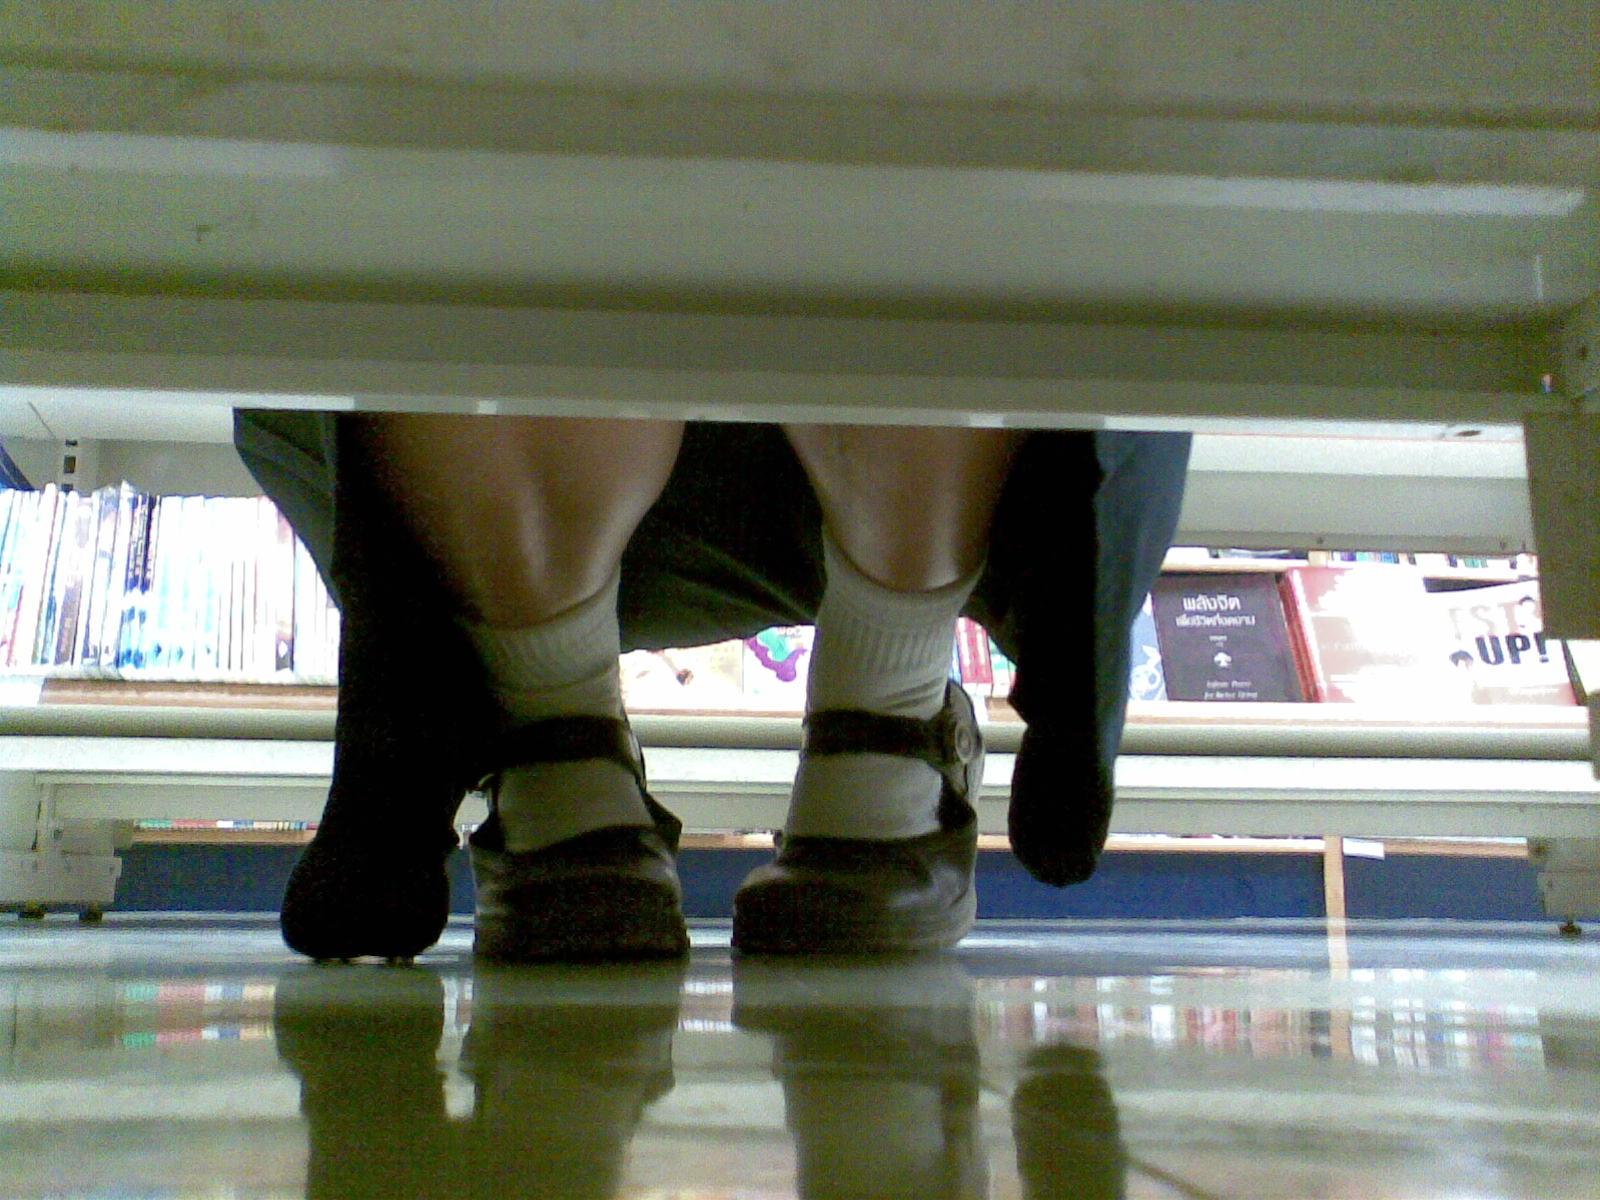 【パンチラエロ画像】店内の棚の向こうに気配!カメラ潜らせ下着を激写www 14